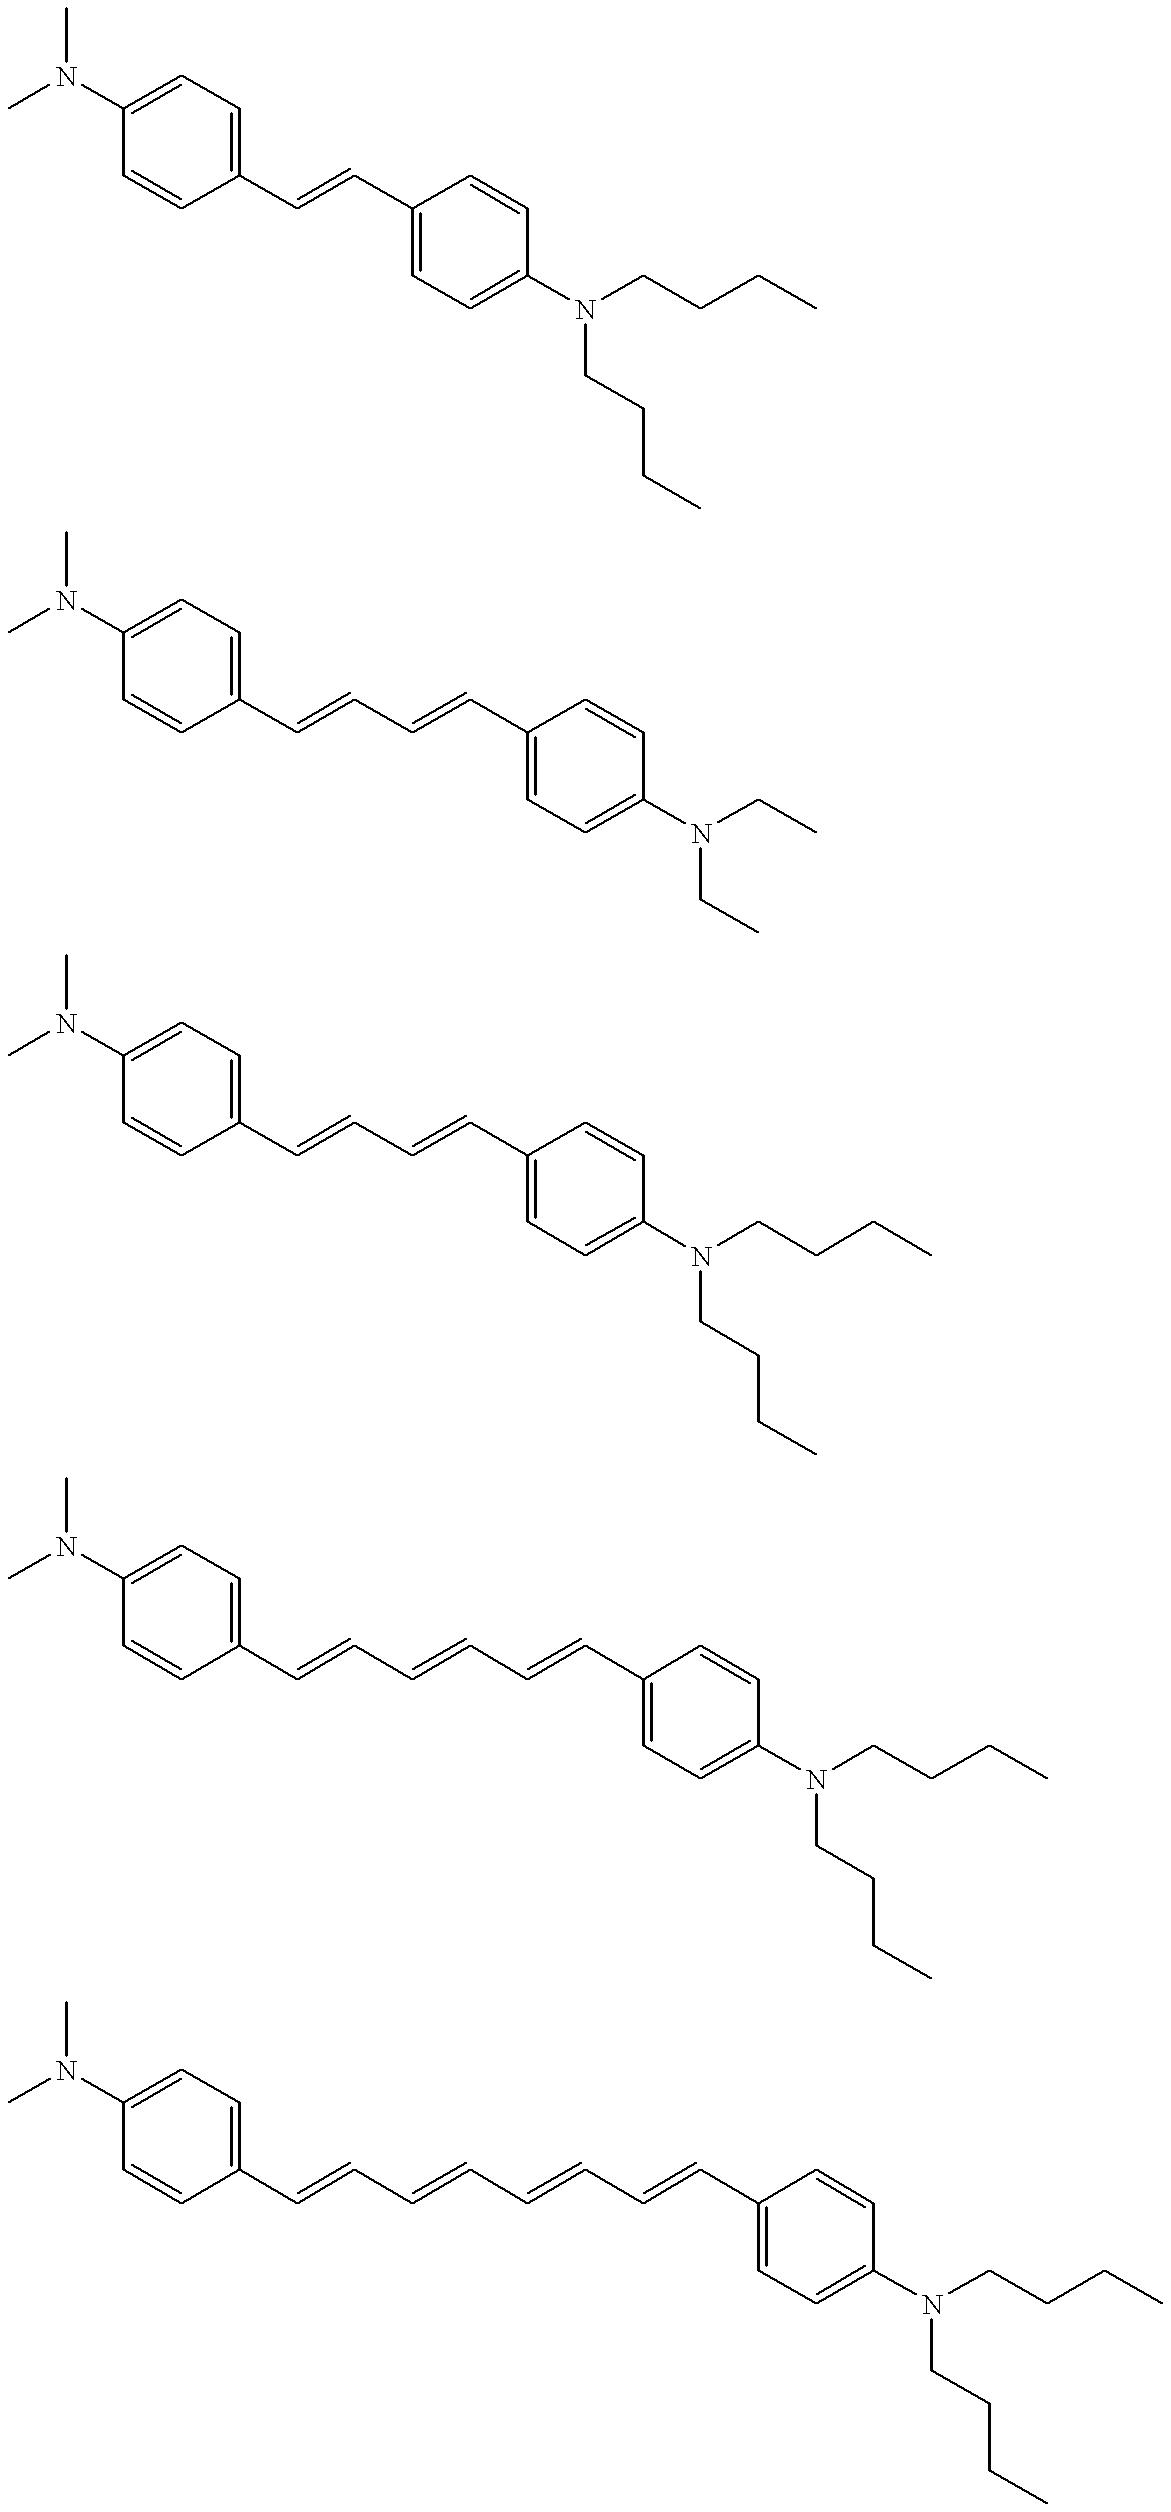 Figure US06267913-20010731-C00021